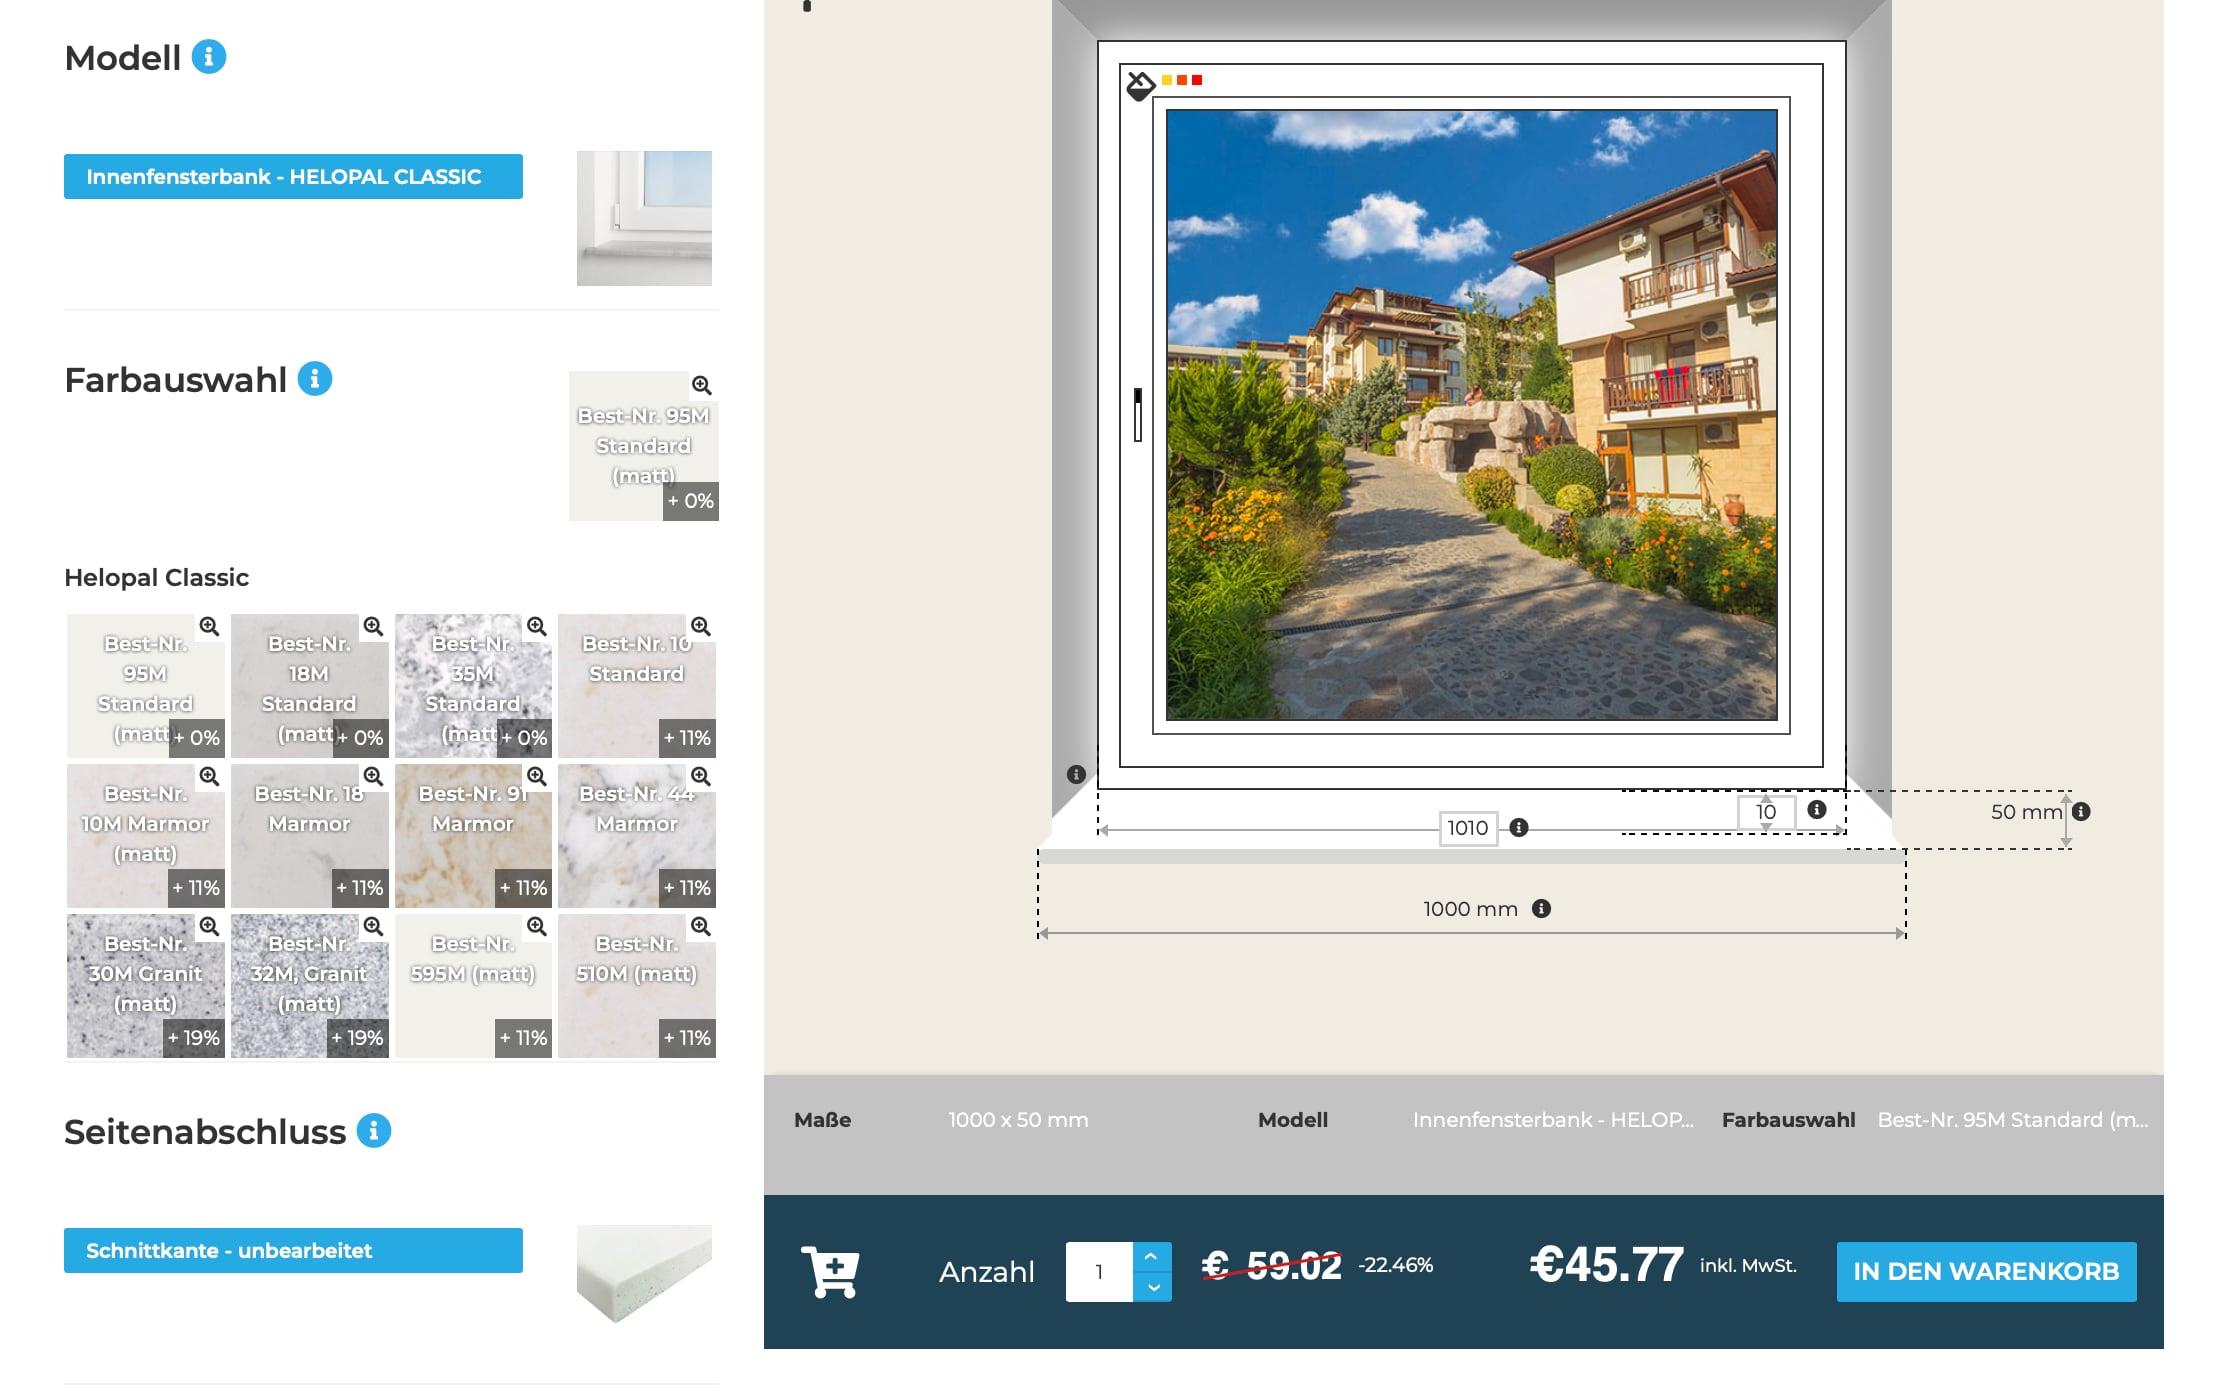 Innenfensterbänke-Online-Konfigurator-Farbauswahl-Seitenabschluss